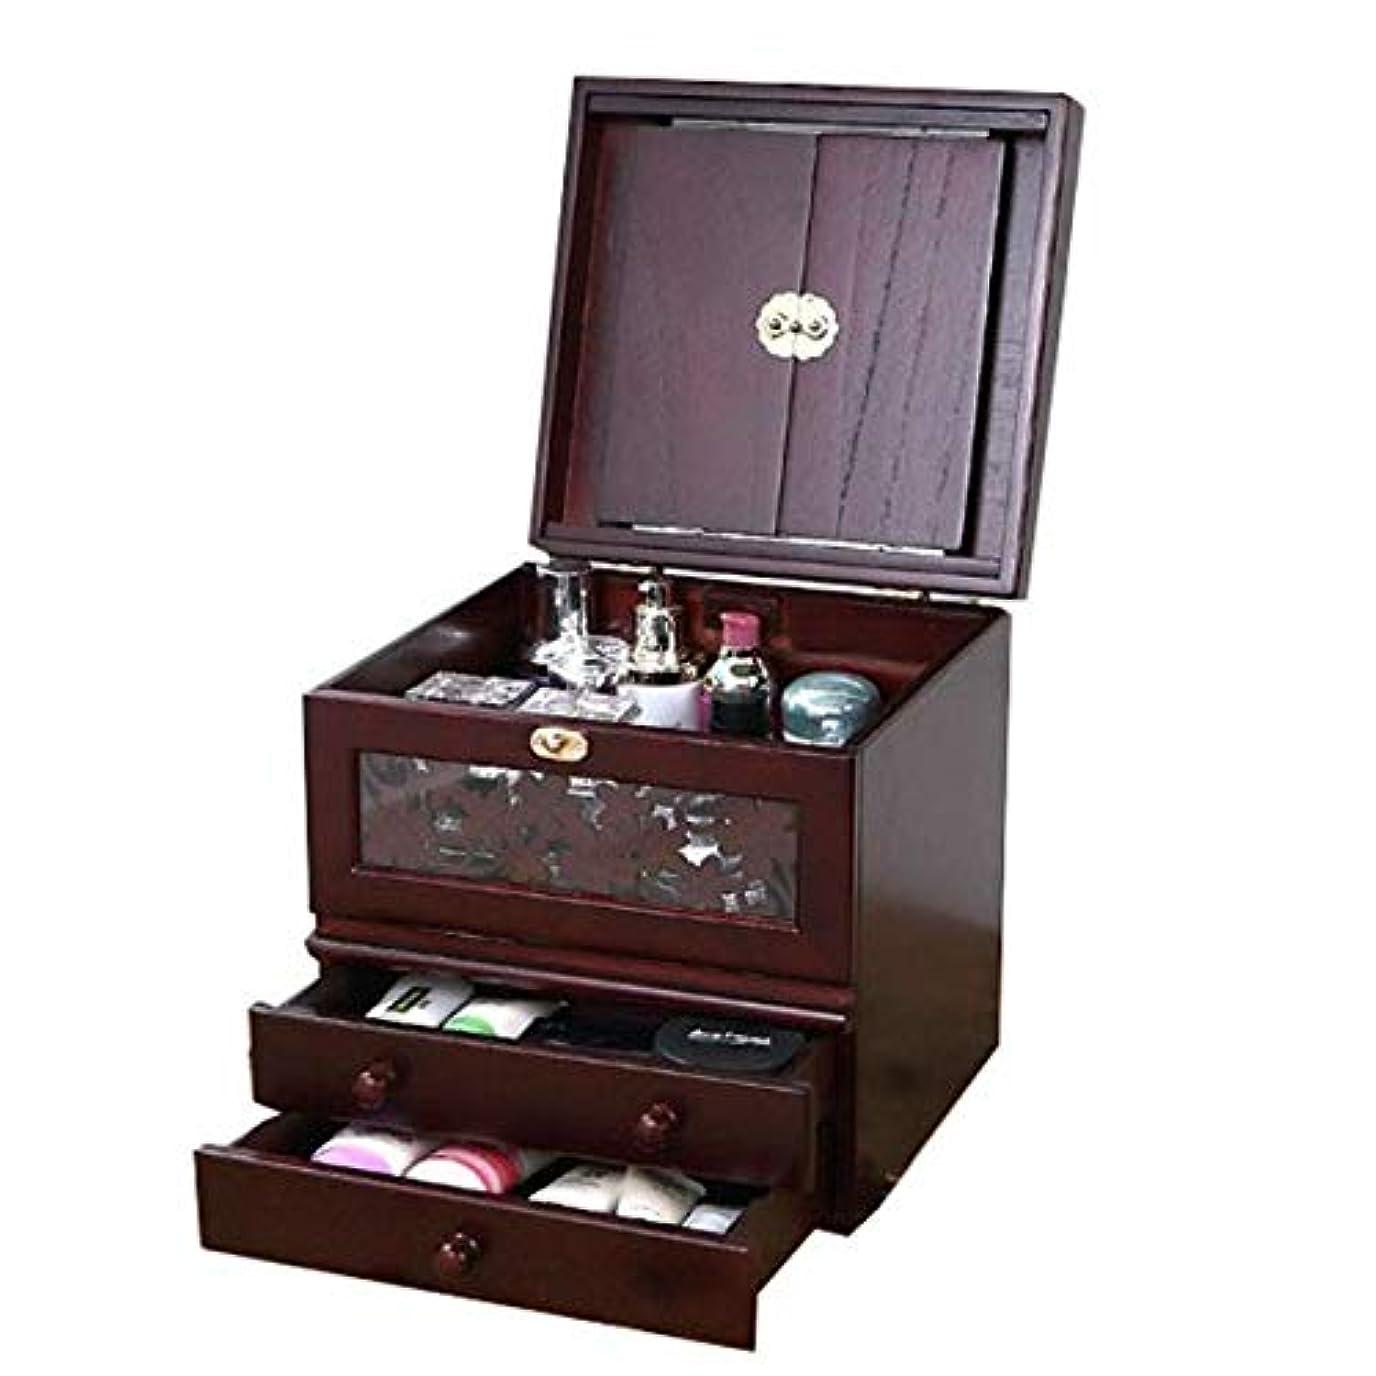 傷つきやすい沈黙カストディアン化粧箱、ミラー付きヴィンテージ木製化粧品ケースの3層、ハイエンドの結婚祝い、新築祝いのギフト、美容ネイルジュエリー収納ボックス